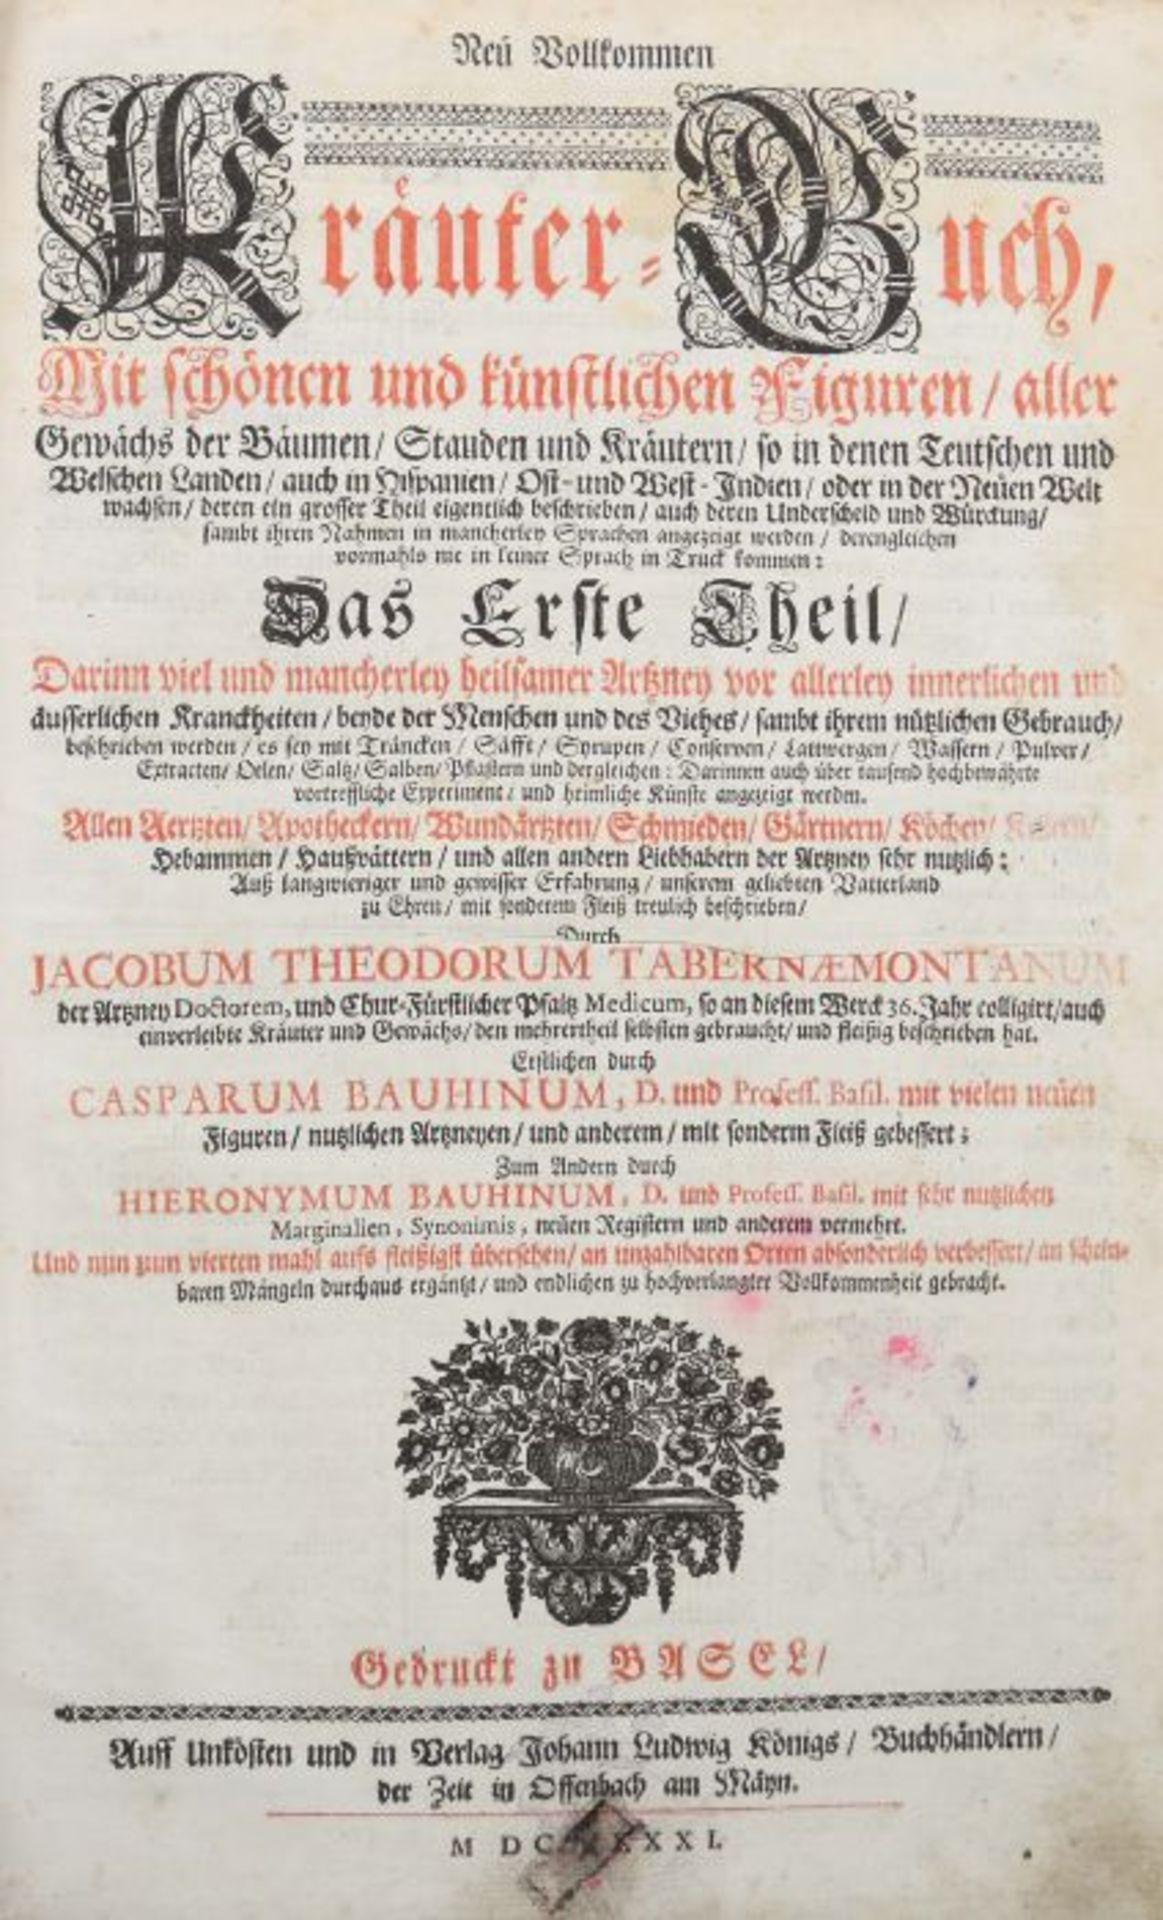 Tabernaemontanus, Jacob Theodor (Jacobus Theodorus) Neu vollkommen Kräuter-Buch, mit schönen und - Bild 4 aus 6